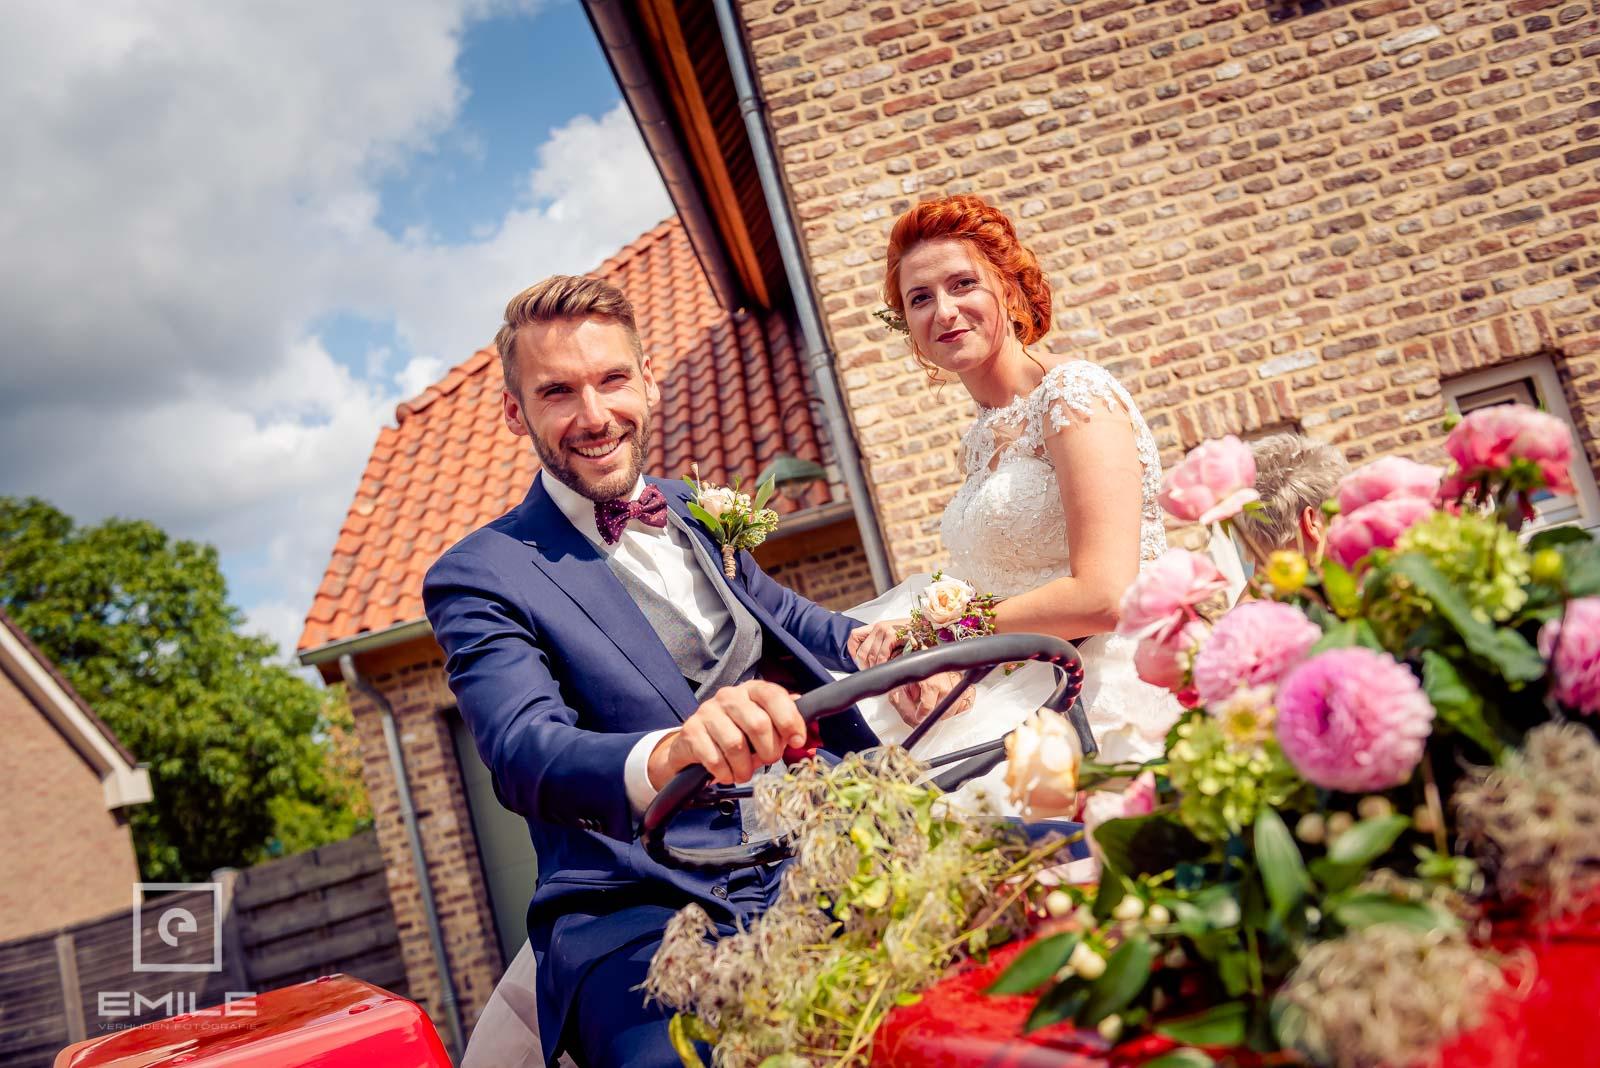 Bruid en bruidegom samen op de tractor en gaan op weg naar de kerk van Wylre